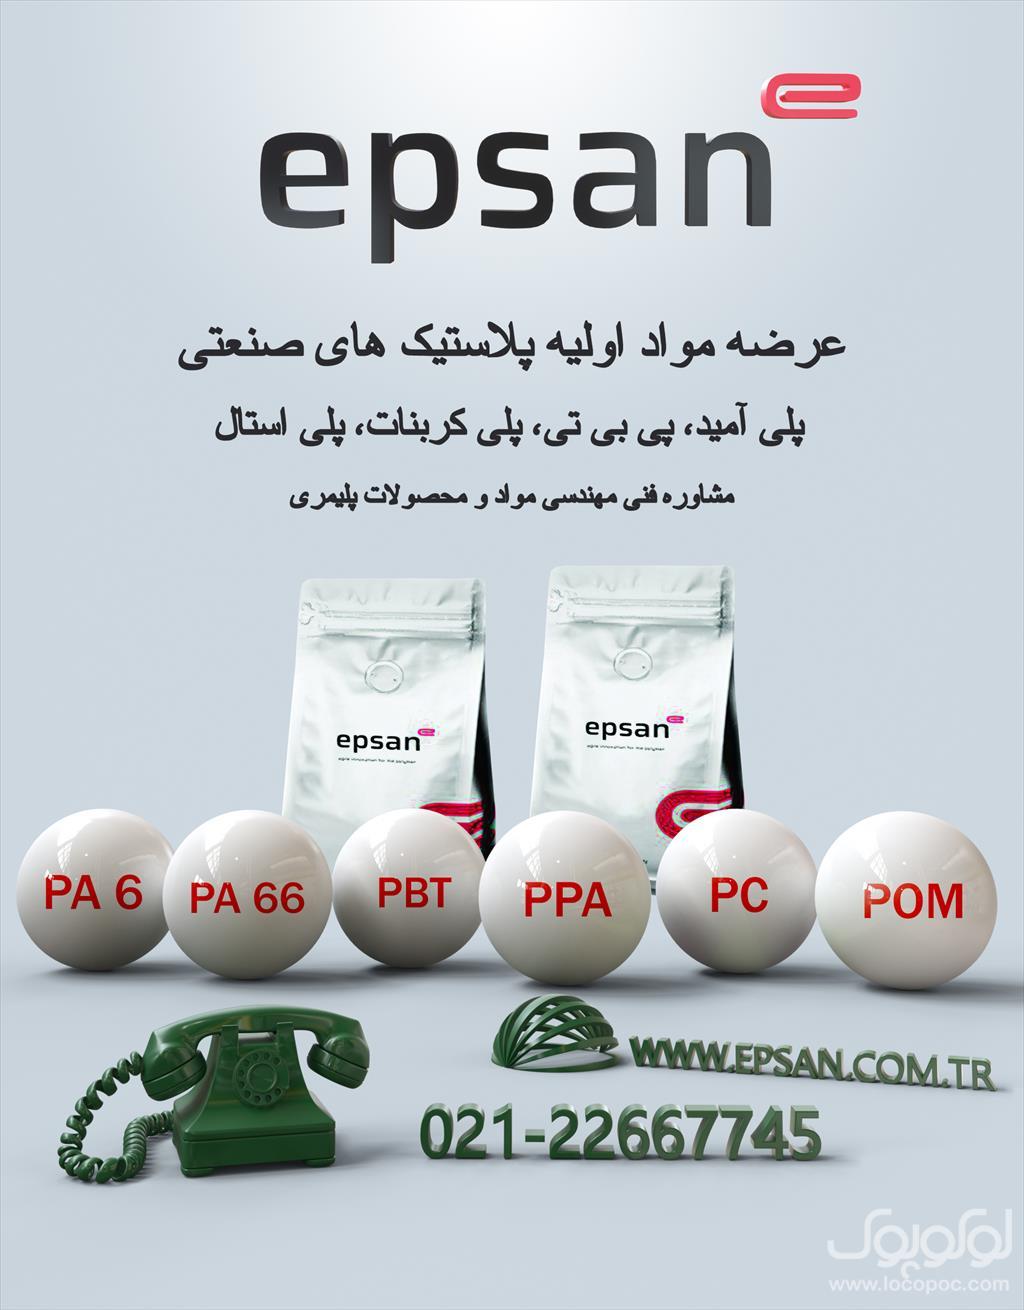 واردات و فروش کلیه مواد اولیه پلاستیک های صنعتی و مهندسی از جمله:<br/><br/>پلی آمید- پلی استال- پلی کربنات - ASA - PBT - PPS <br/> <br/>پلی یورتان ( TPU ) - اکرولیک ( industry chemical chemical